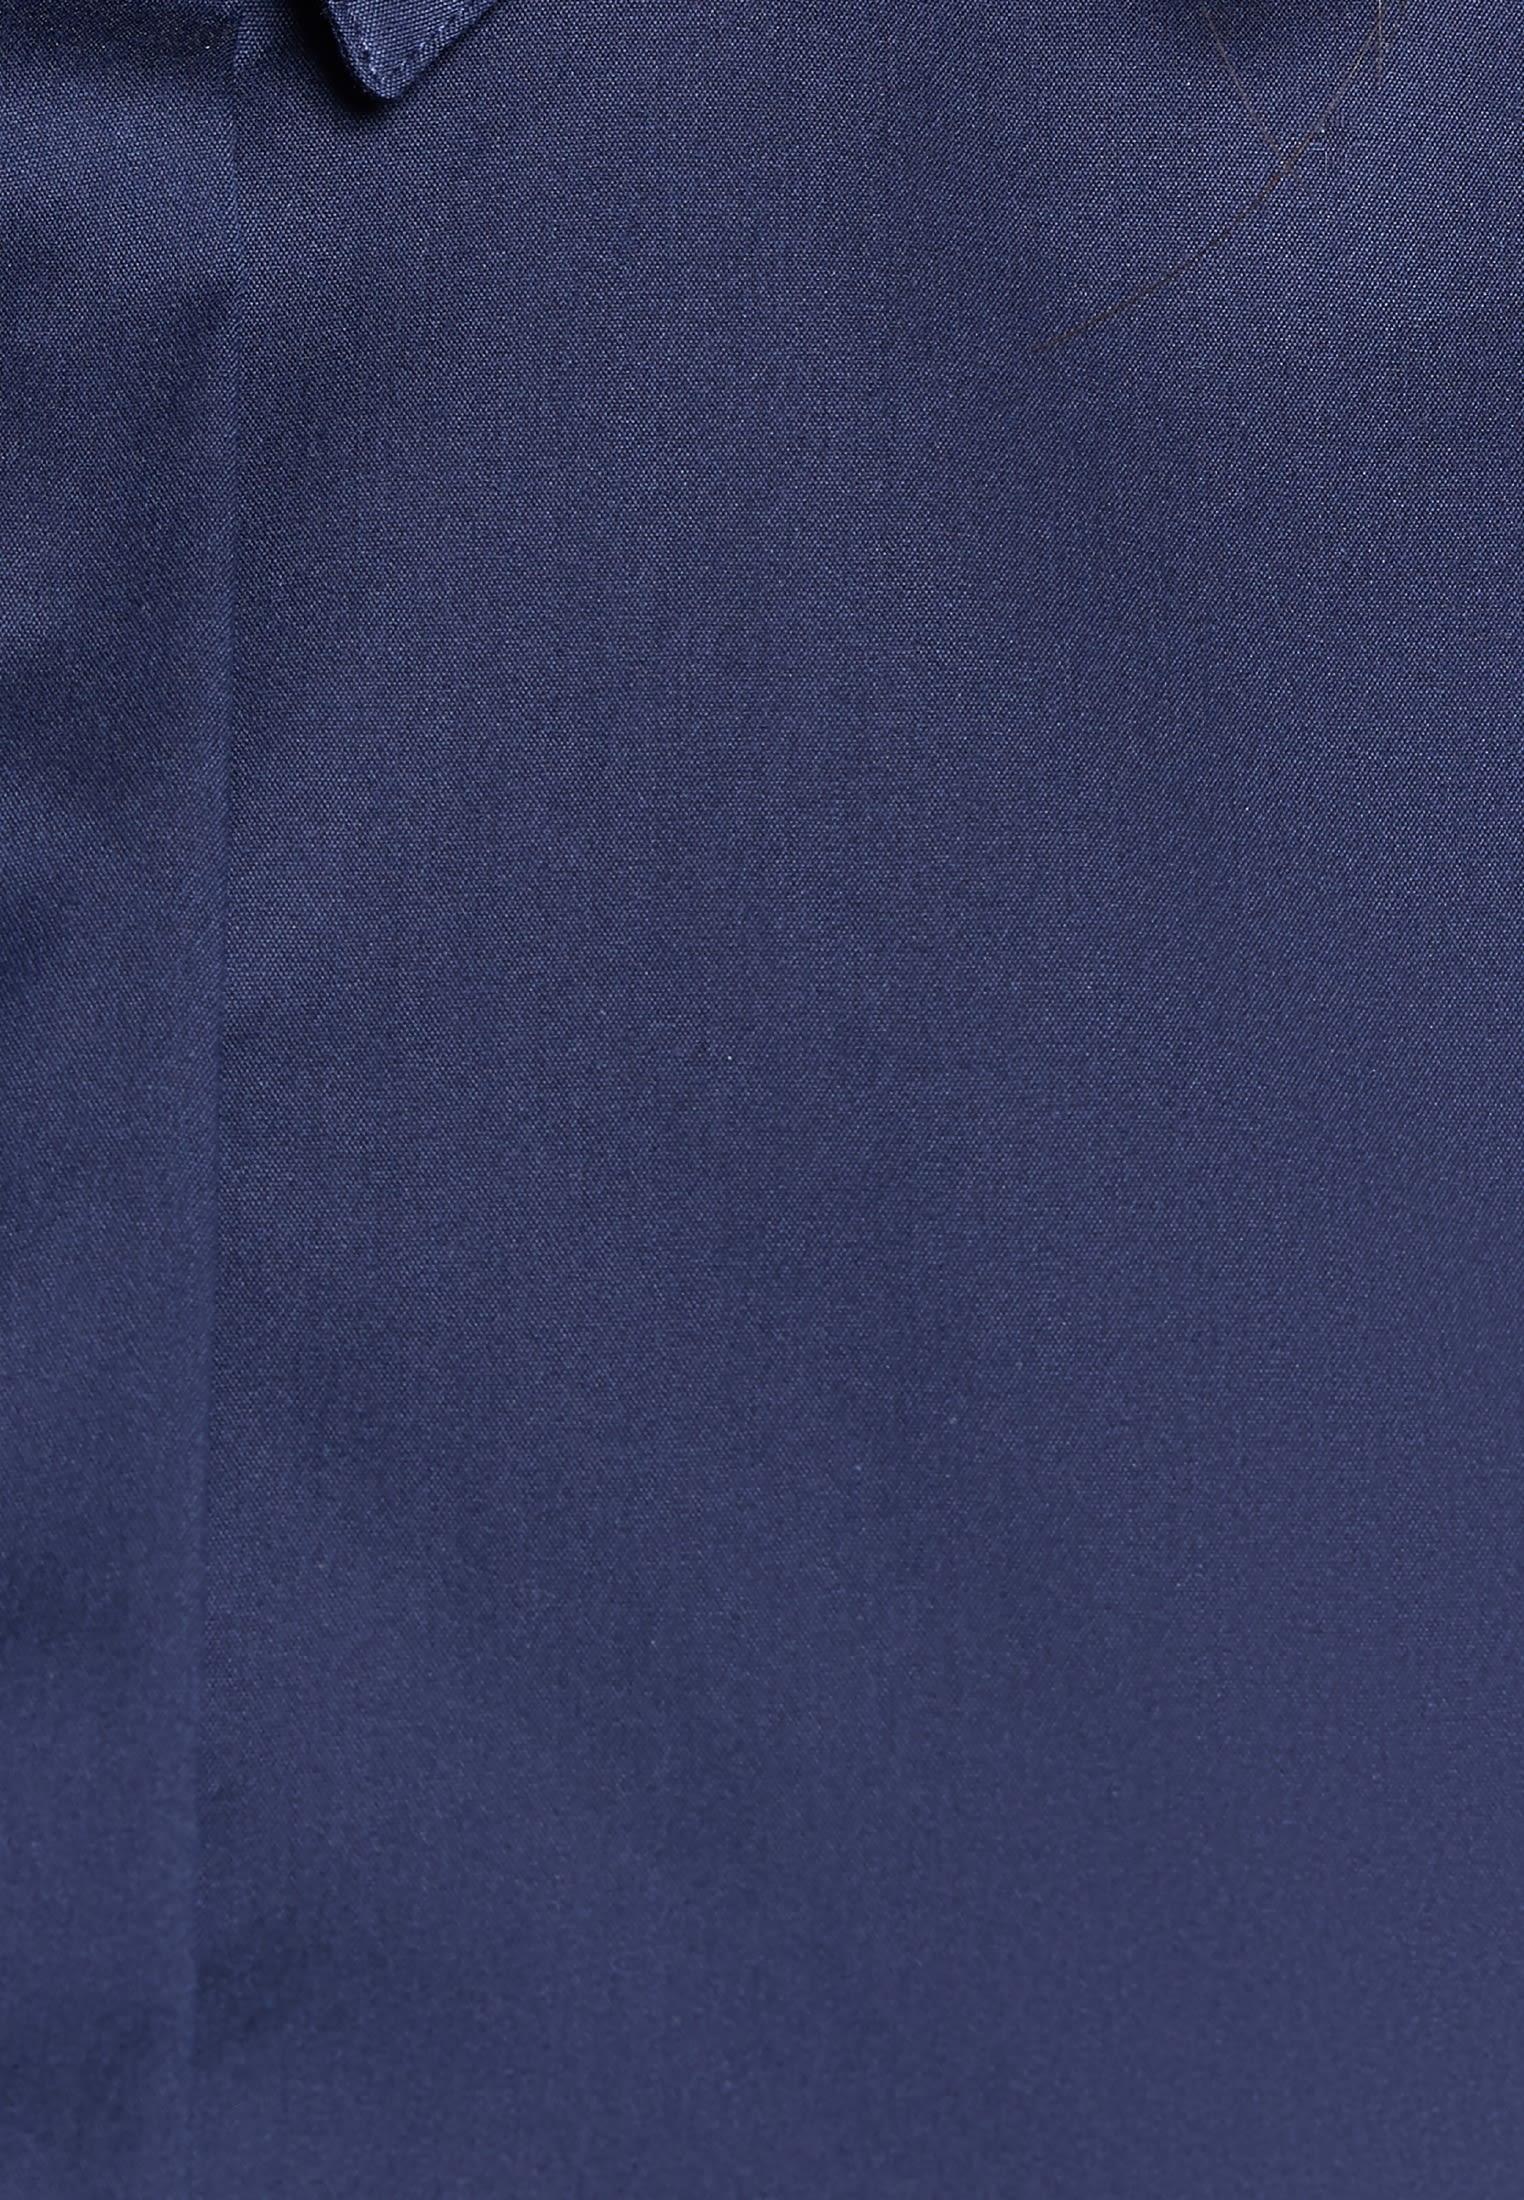 Ärmellose Popeline Hemdbluse aus 75% Baumwolle 20% Polyamid/Nylon 5% Elastan in Dunkelblau |  Seidensticker Onlineshop